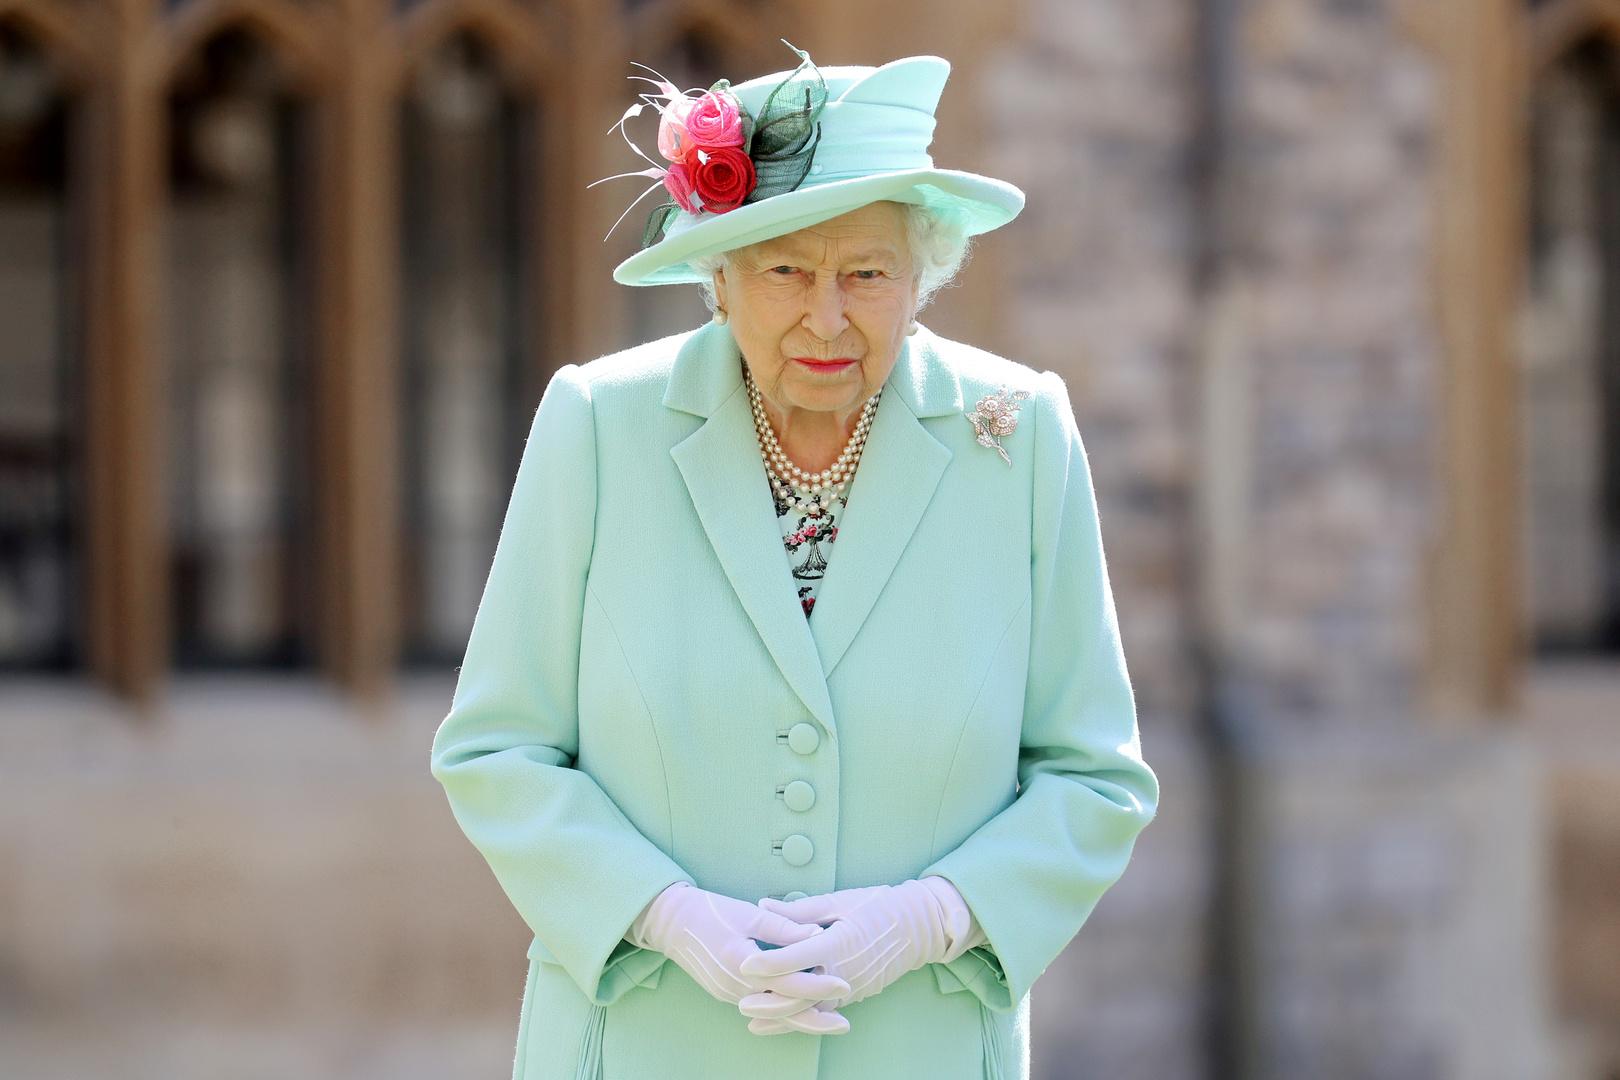 الملكة إليزابيث تجرد هارفي وينشتاين رسميا من وسامه البريطاني